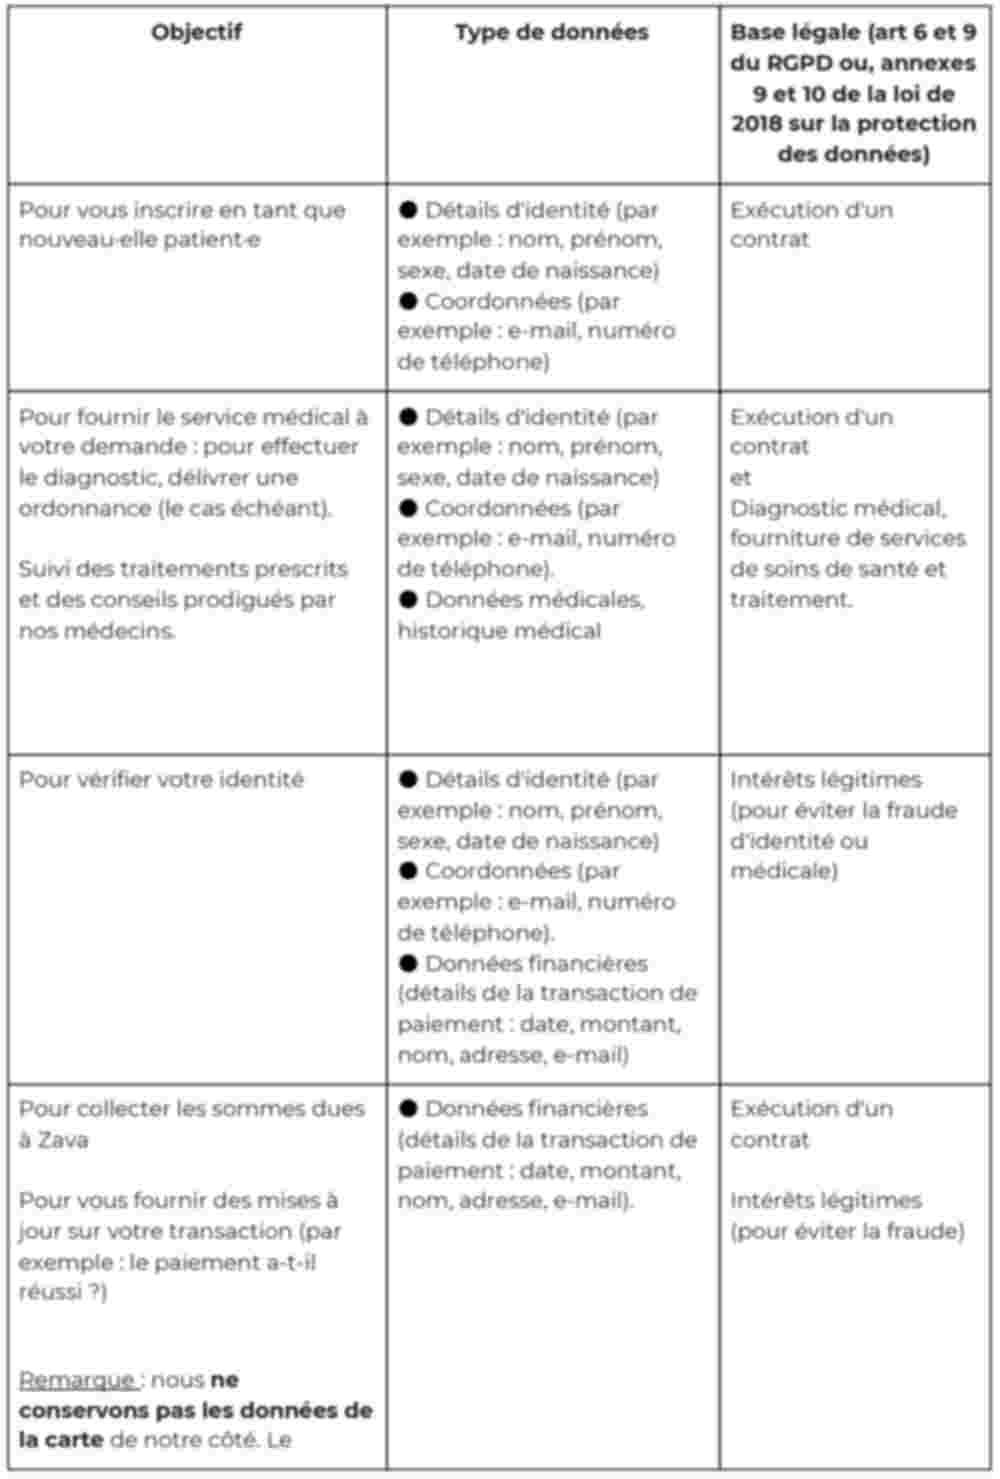 tableau-base-legale-traitement-page-1